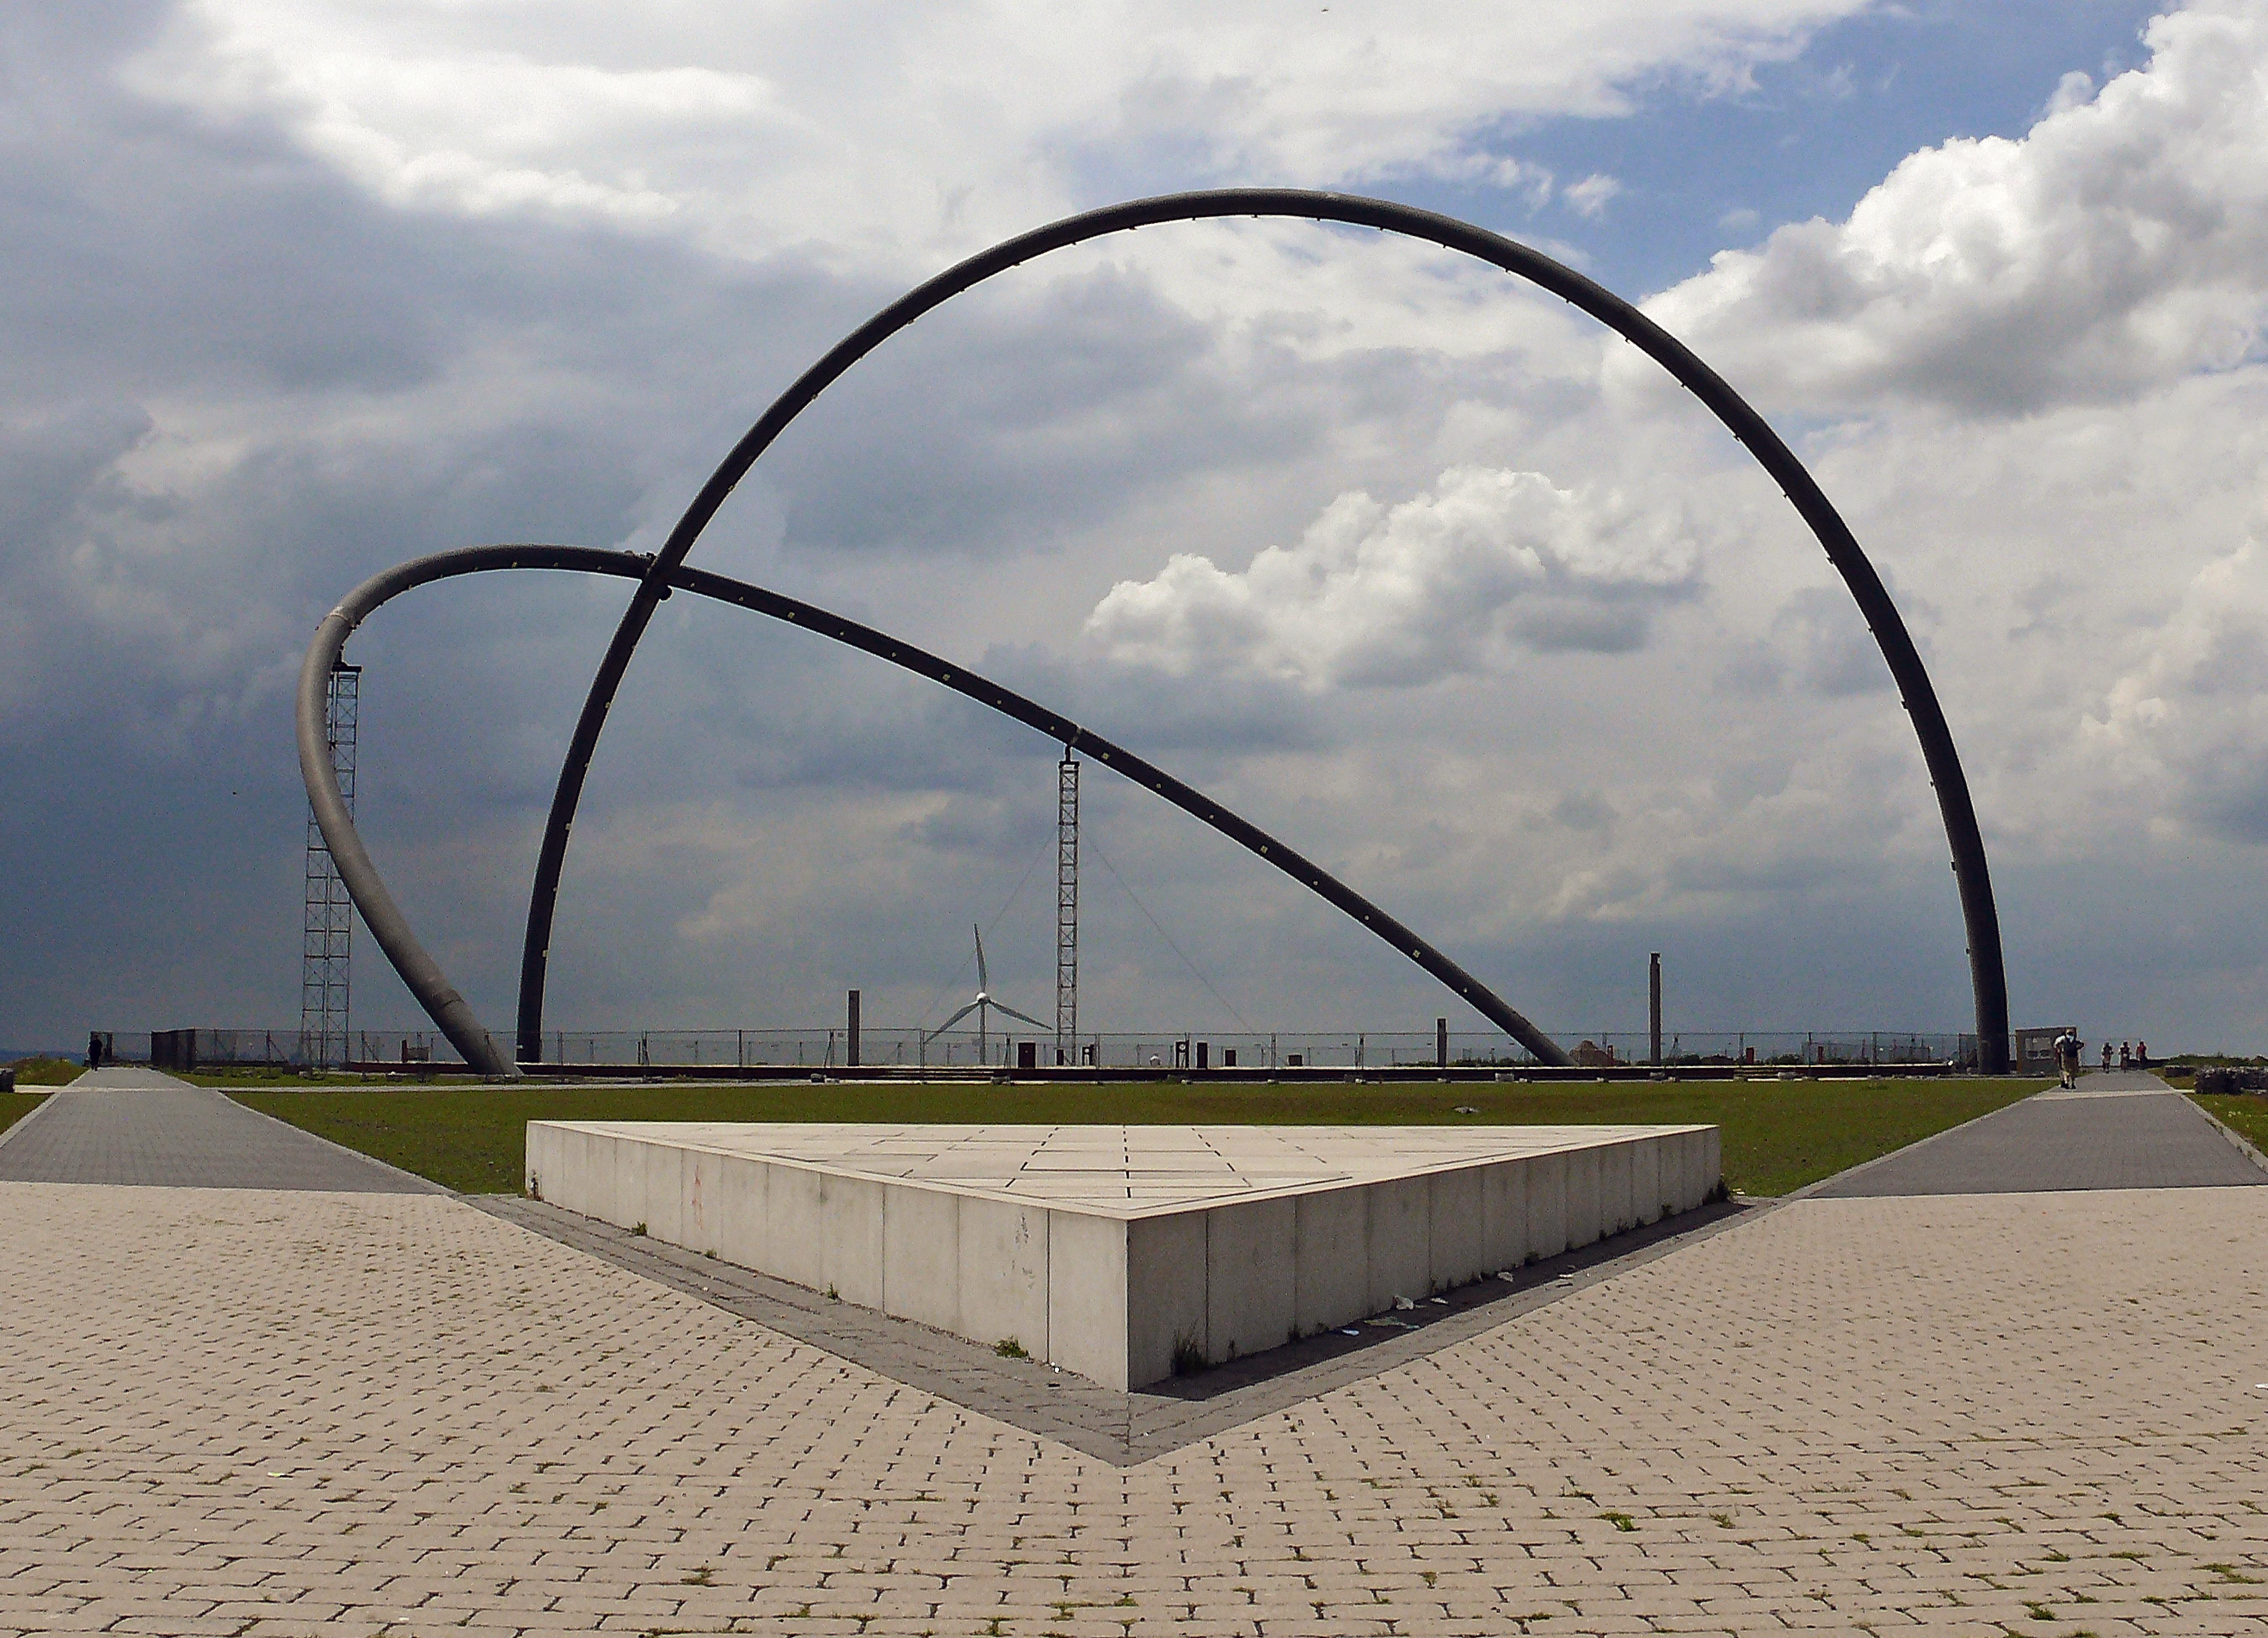 Cát Kiến Trúc Cầu Tượng Đài Kiến Trúc Hàng Ruhr Khu Vực Di Sản Công Nghiệp